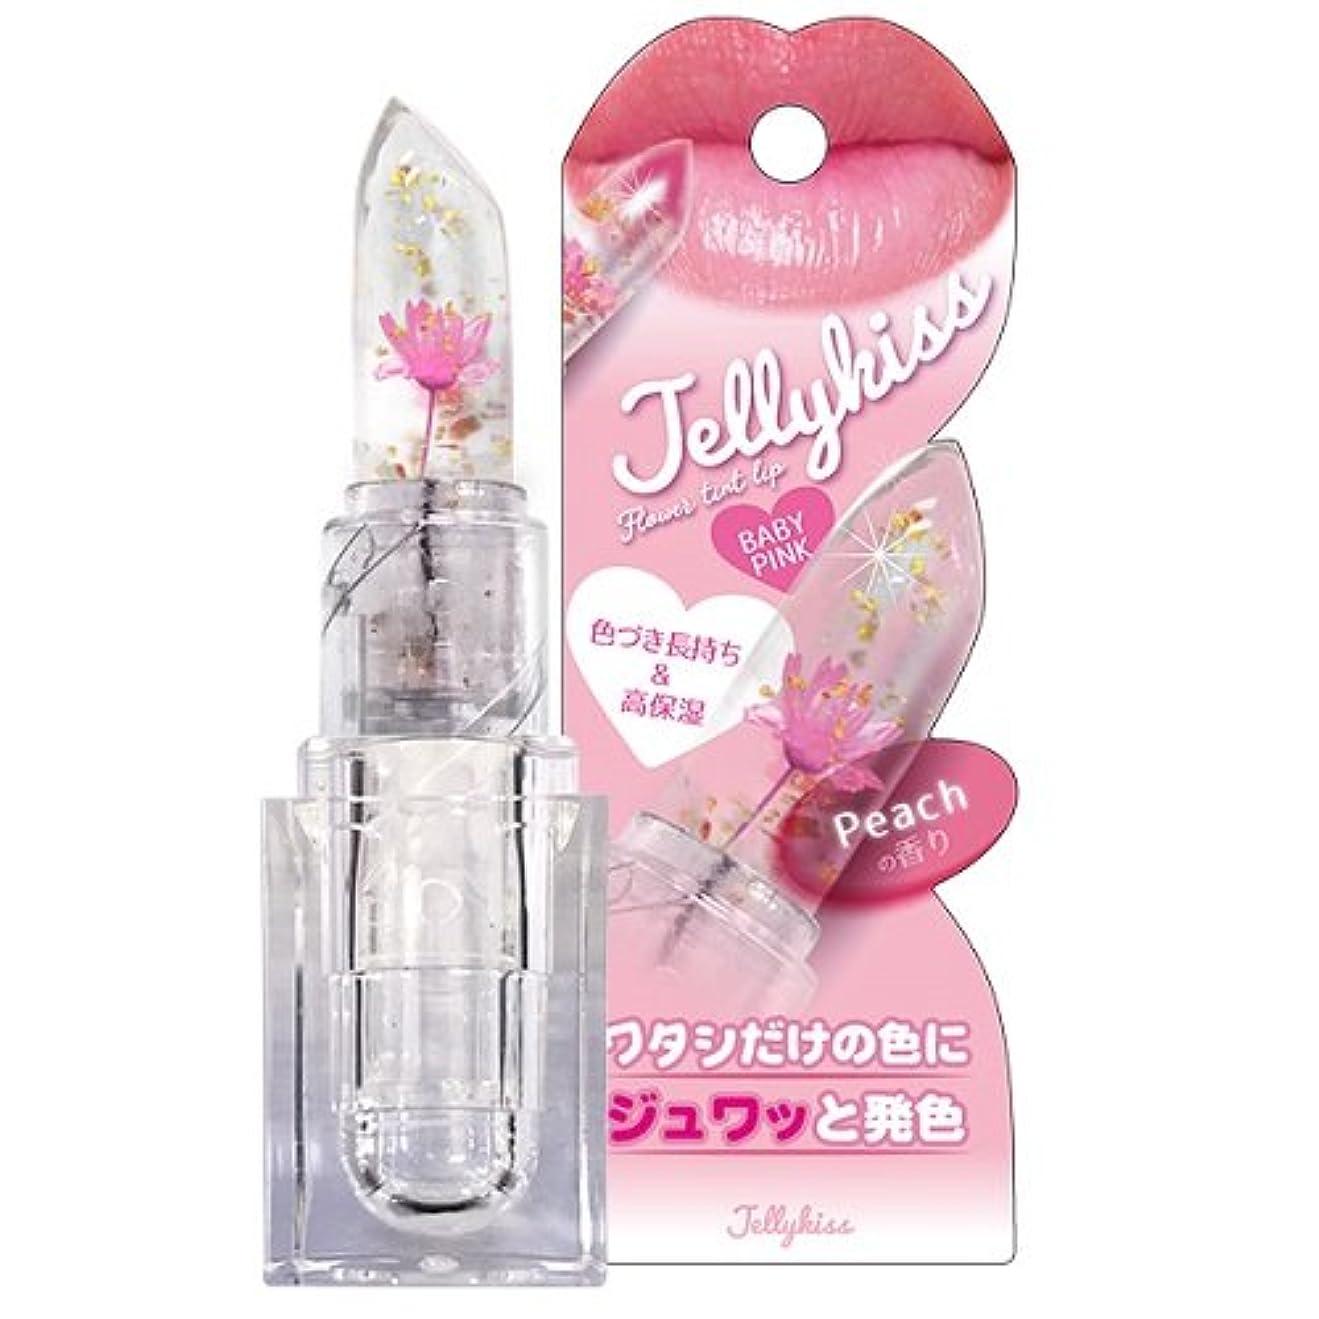 身元騒乱シーズンジェリキス (Jelly kiss) 03 ベビーピンク 3.5g